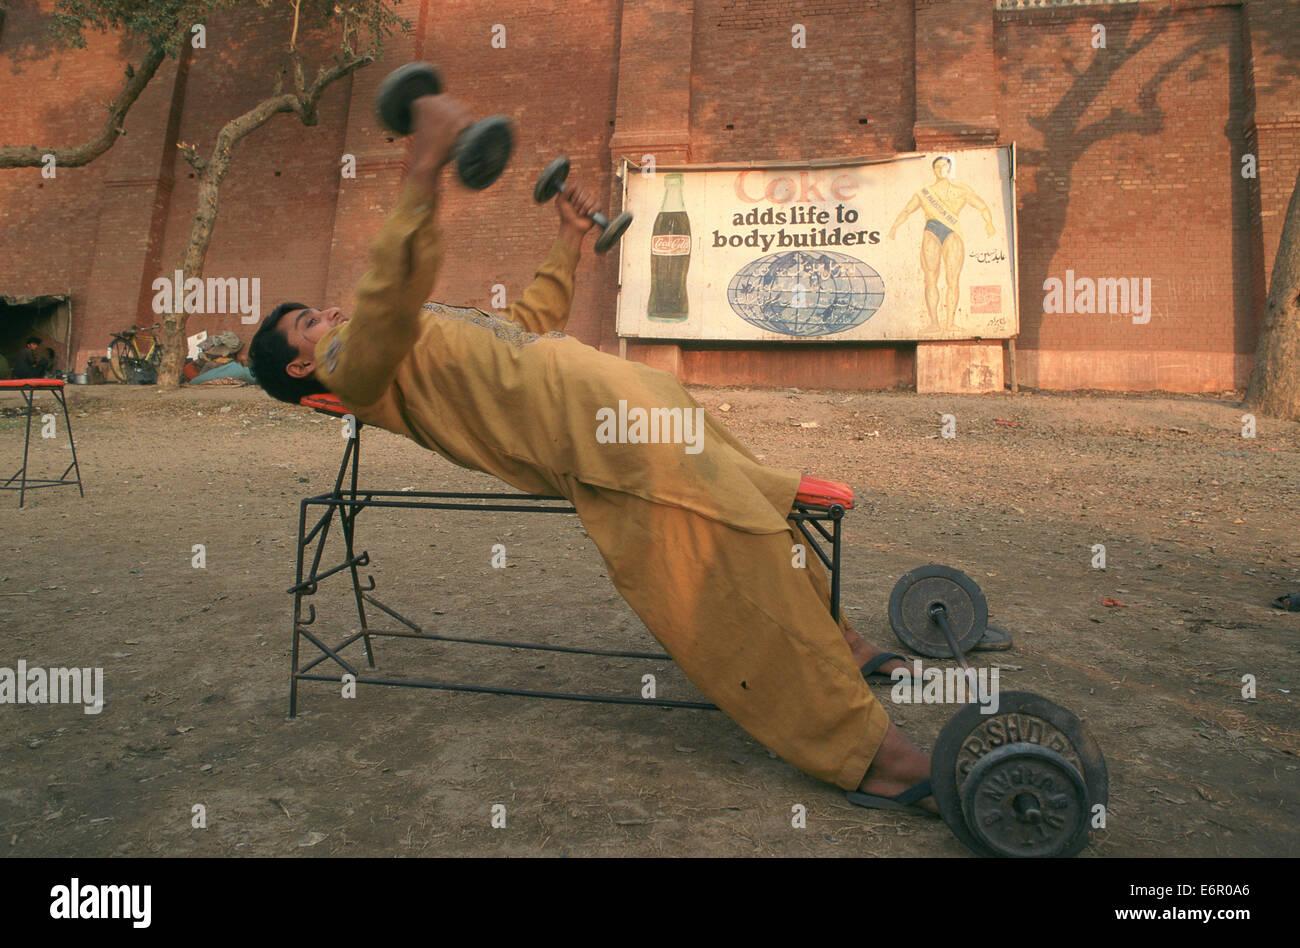 Giovane uomo che fa i pesi in un club sportivo. Sullo sfondo una pubblicità per la coca cola. L'uomo è Immagini Stock